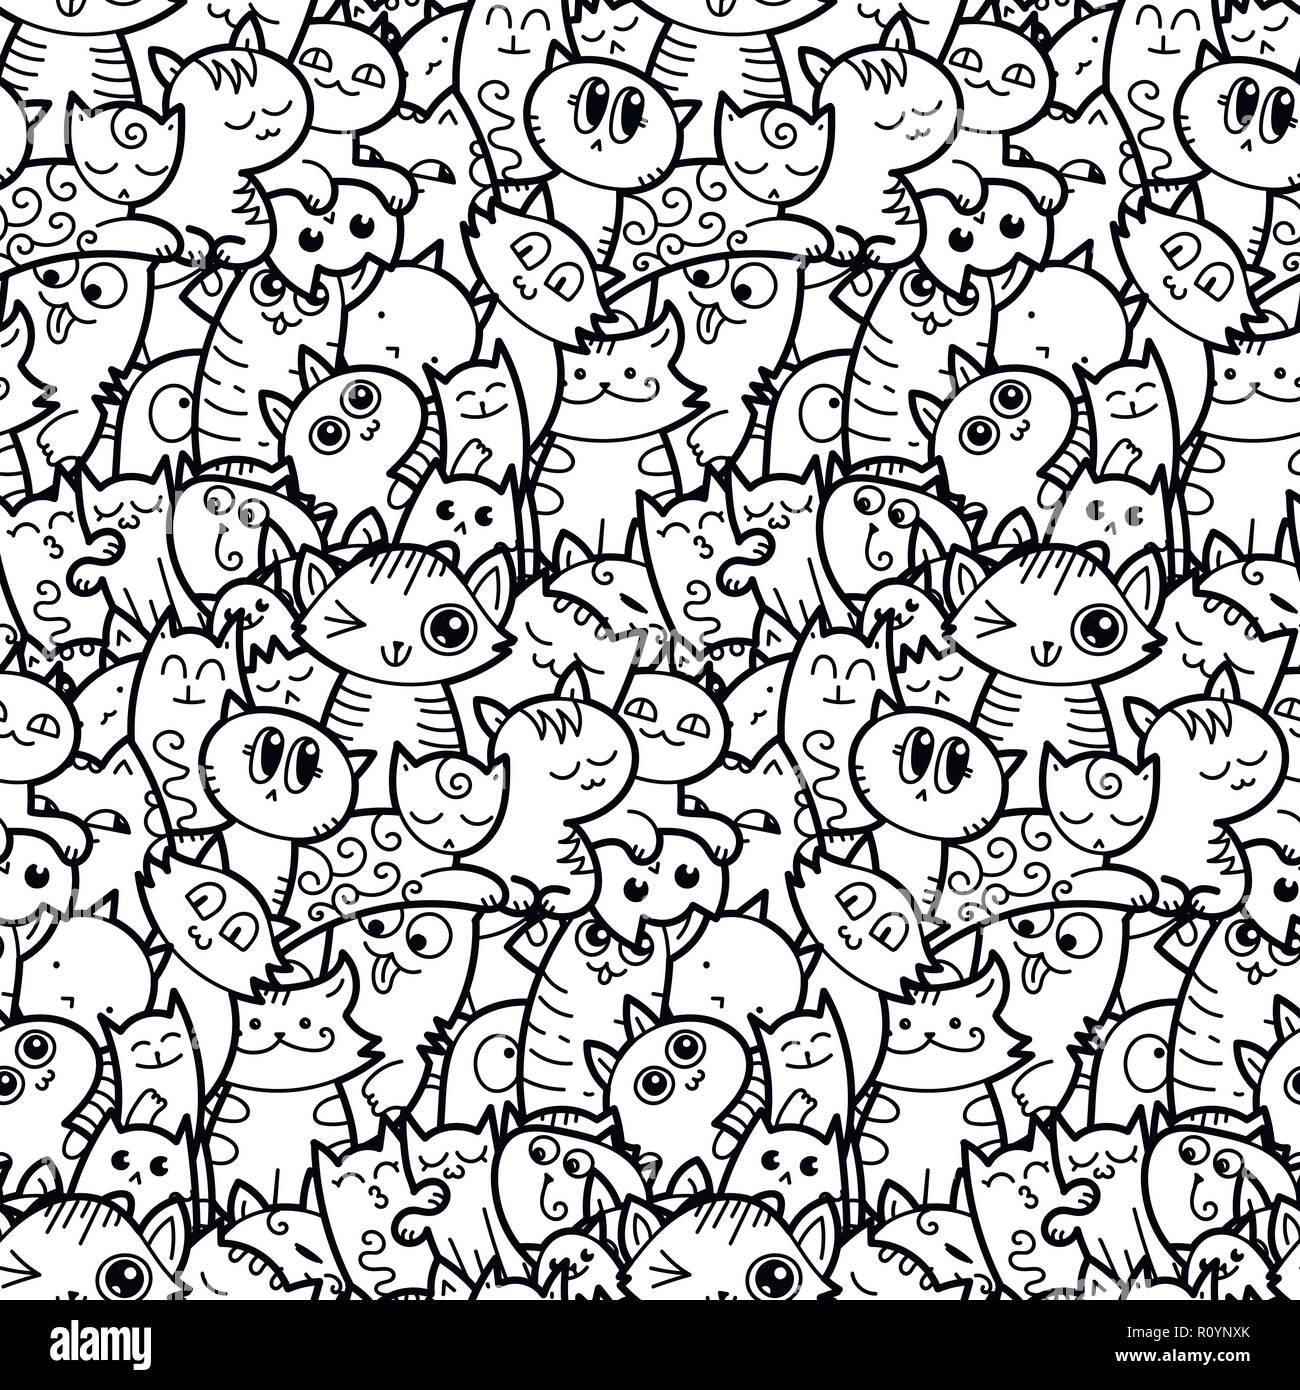 Funny Doodle Gatti E Gattini Seamless Pattern Per Stampe Disegni